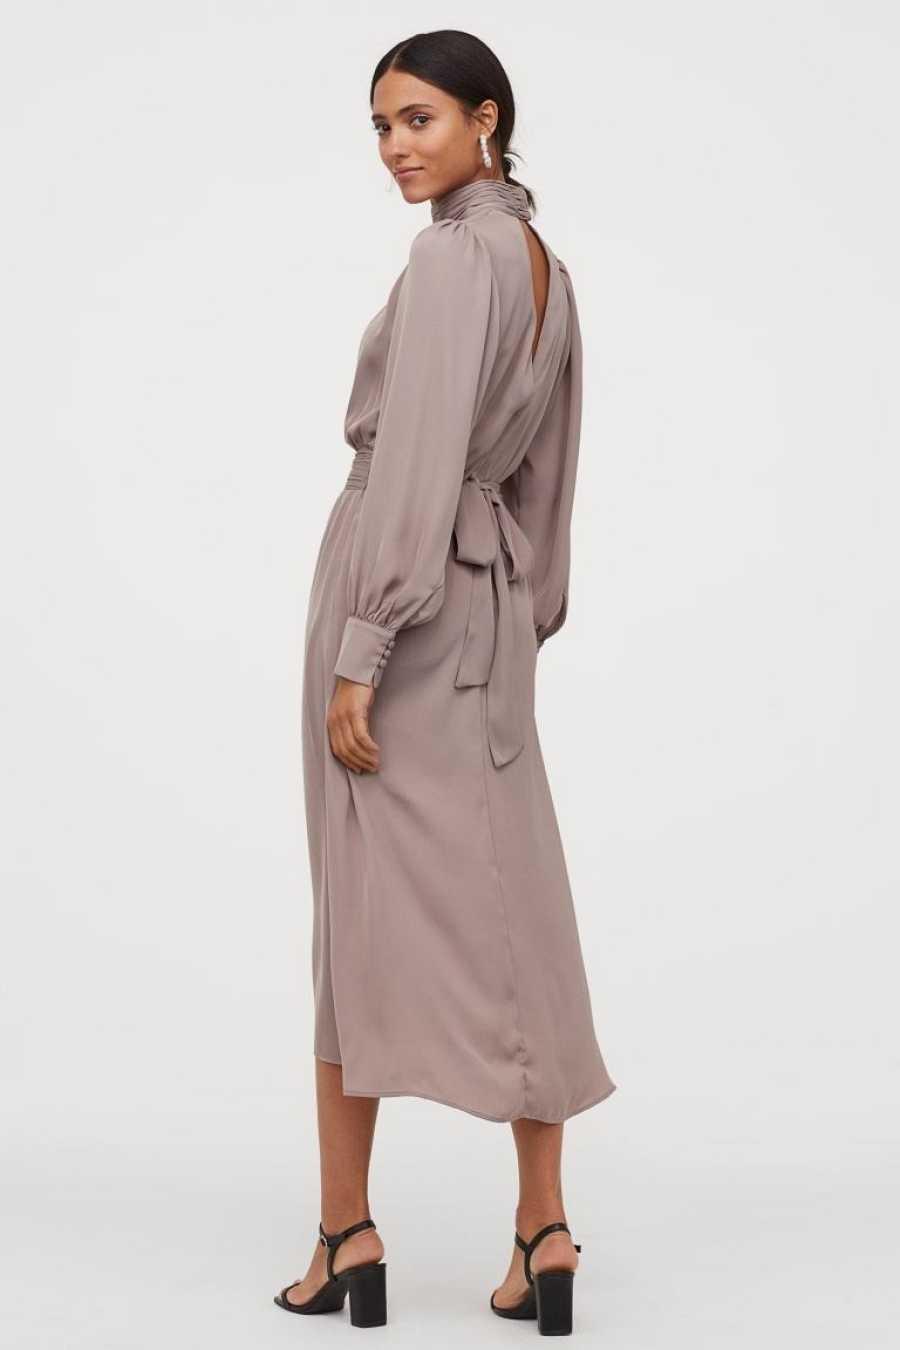 Vestido liso de cuello alto y abotonado, con detalle en los puños y cintura fruncida y con lazo